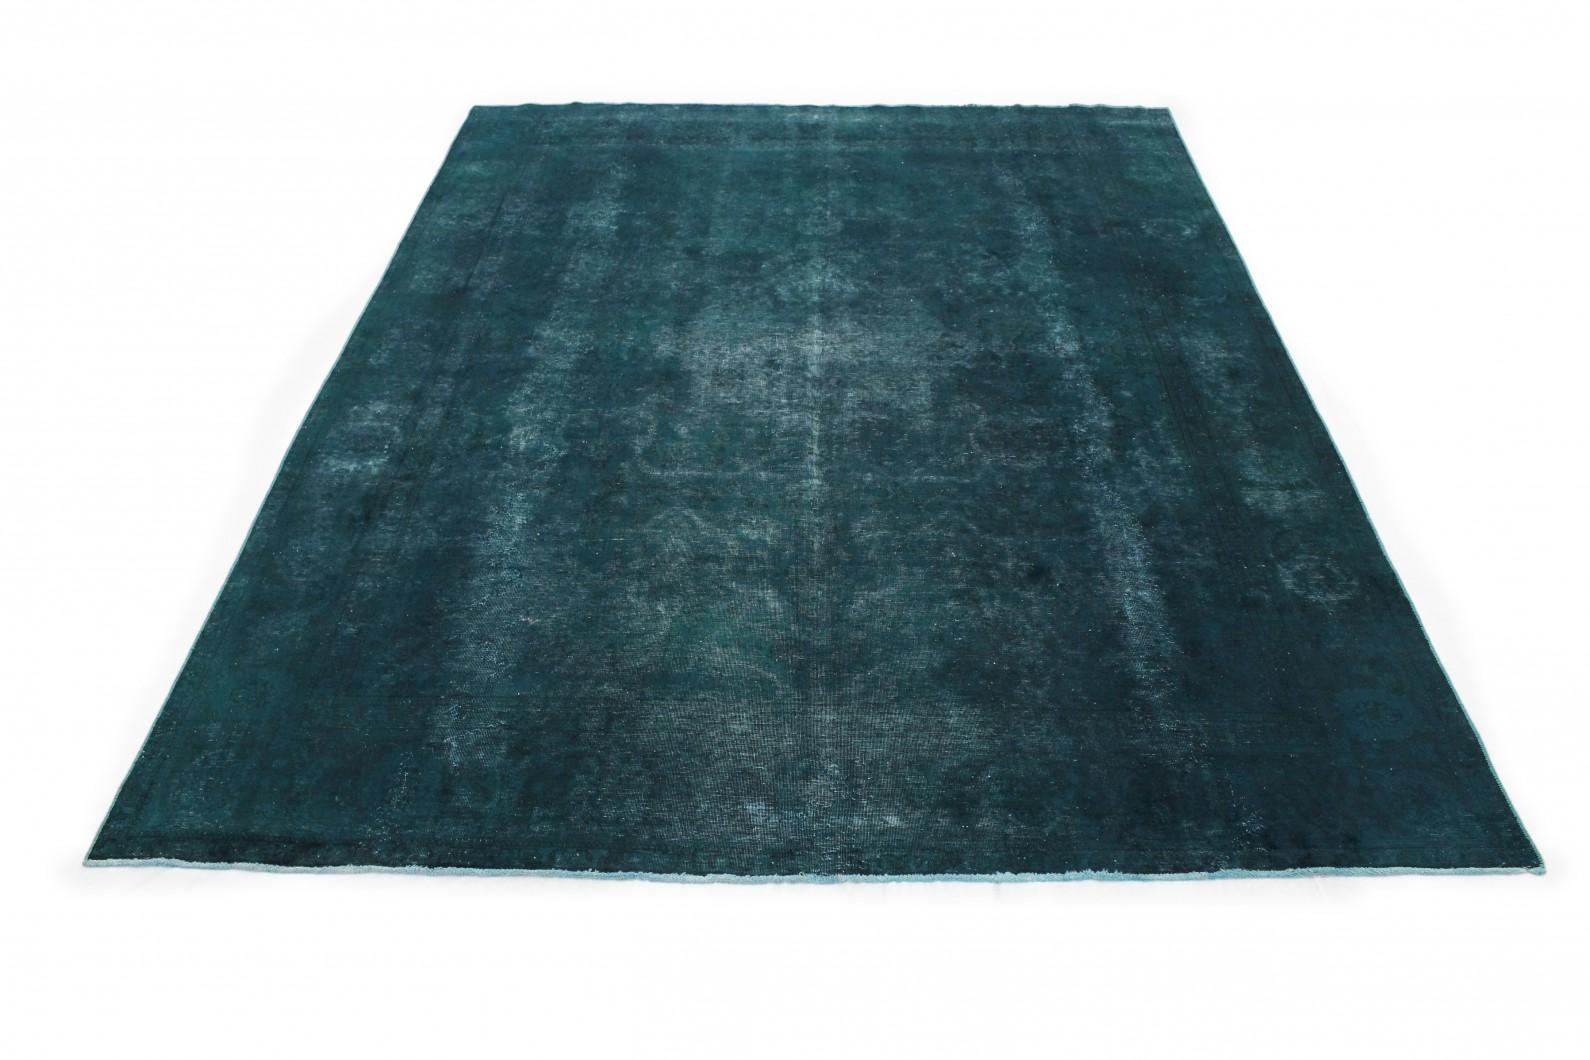 Vintage Teppich Türkis in 390x280cm (1 / 5)